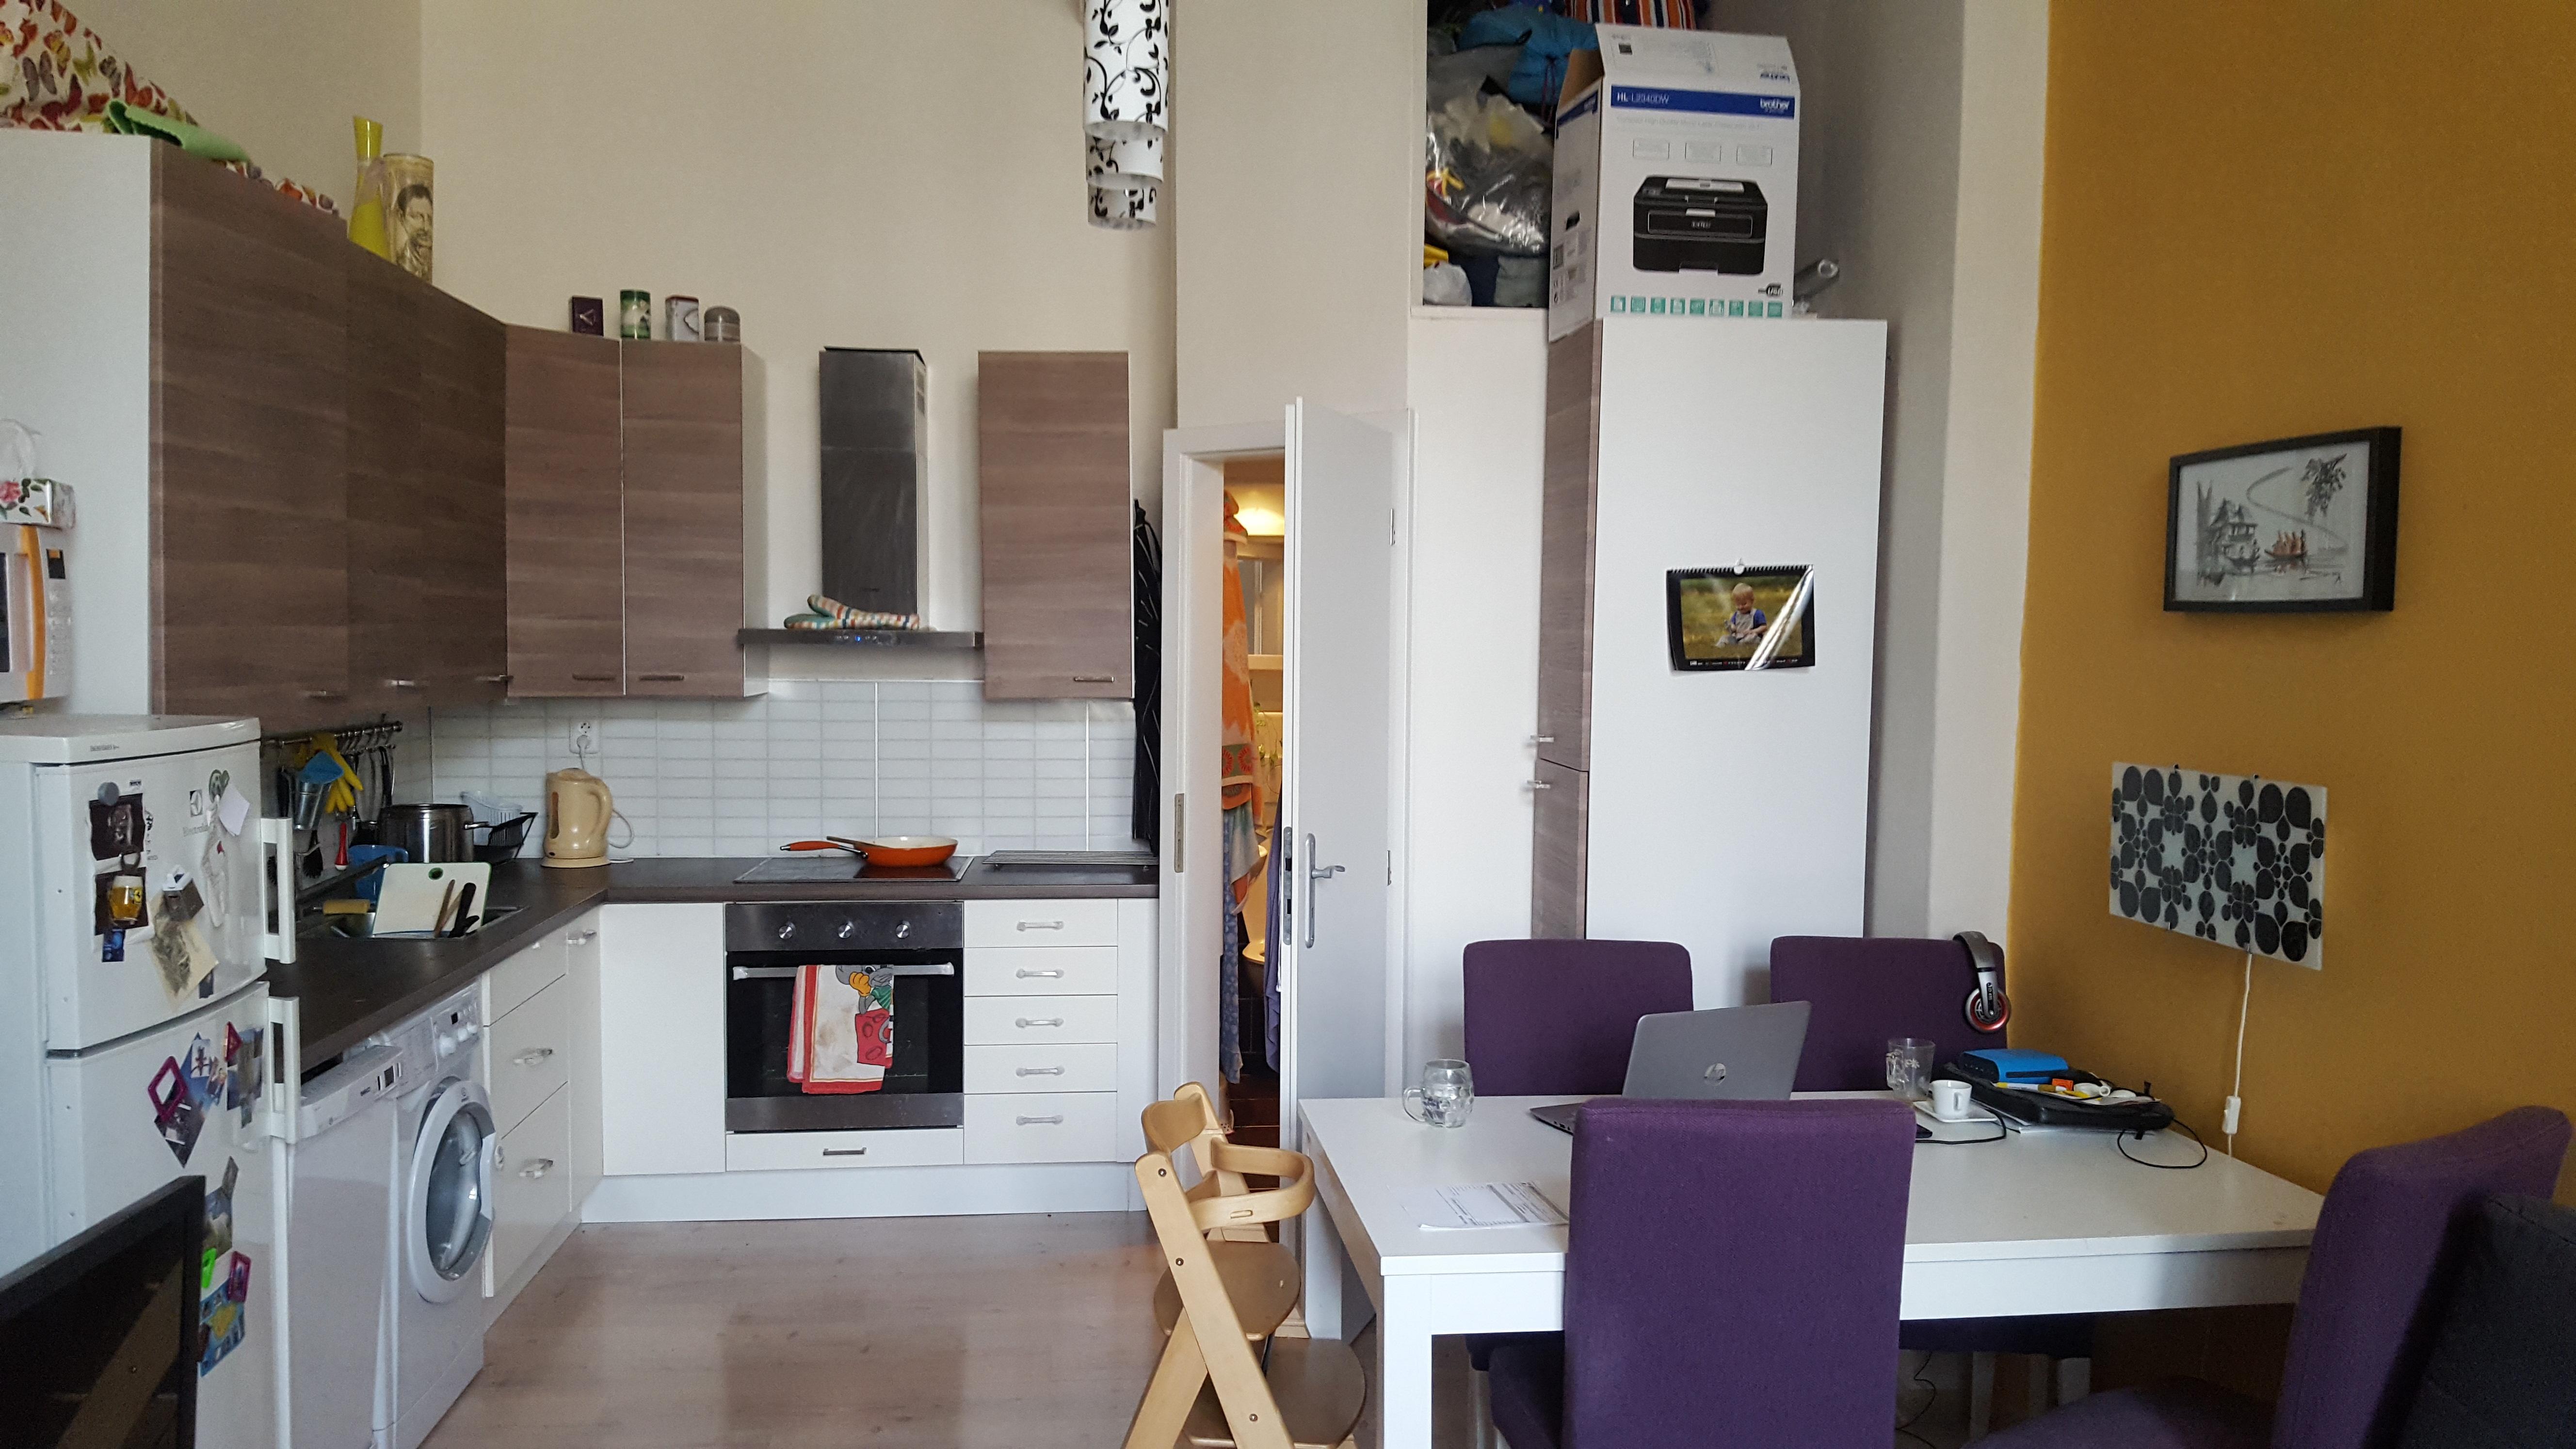 למכירה בשכונת Liben בפראג 8 דירת 2+KK בגודל 42 מר (2)